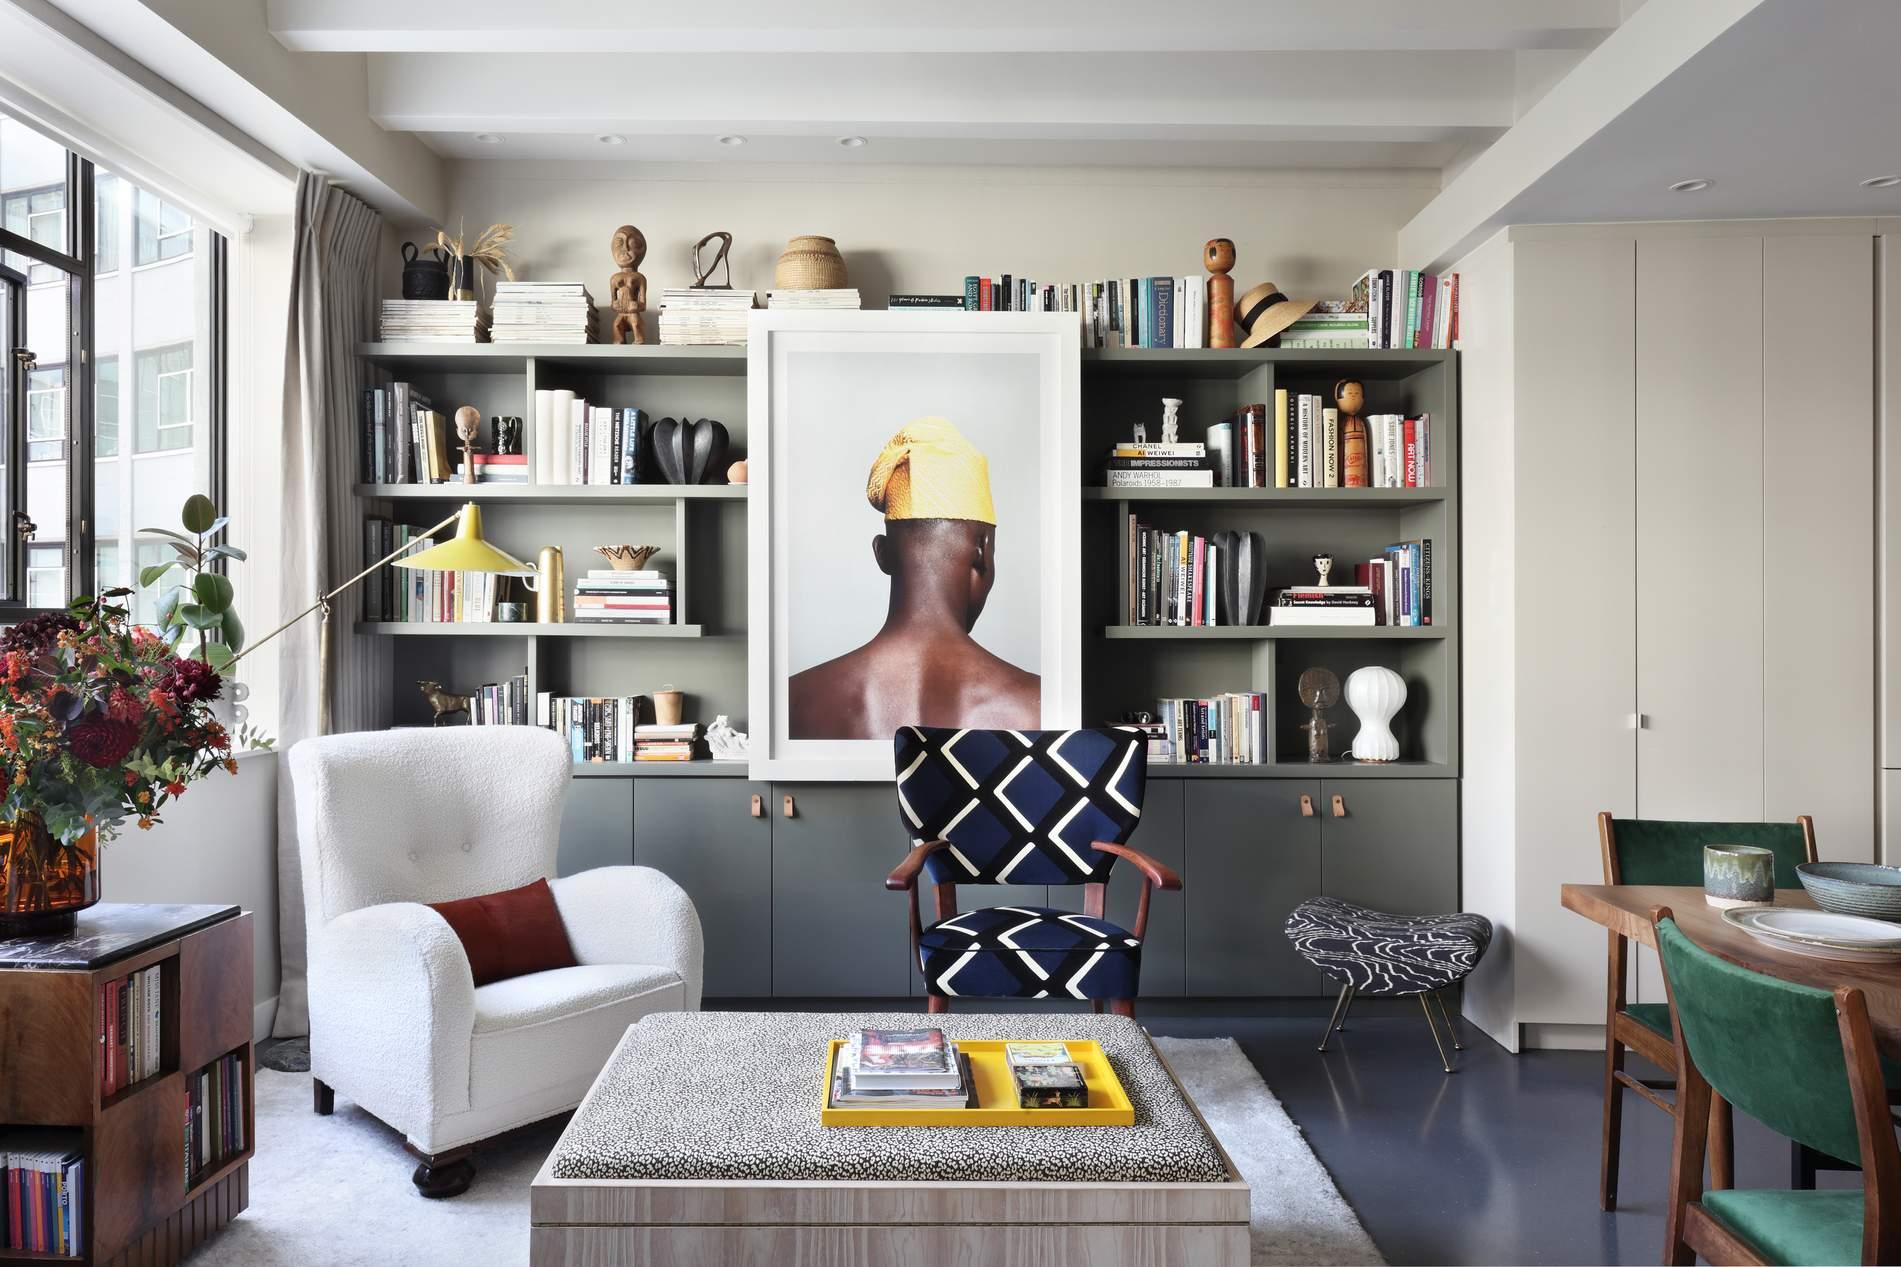 Interior Design Experts Bring Self Care